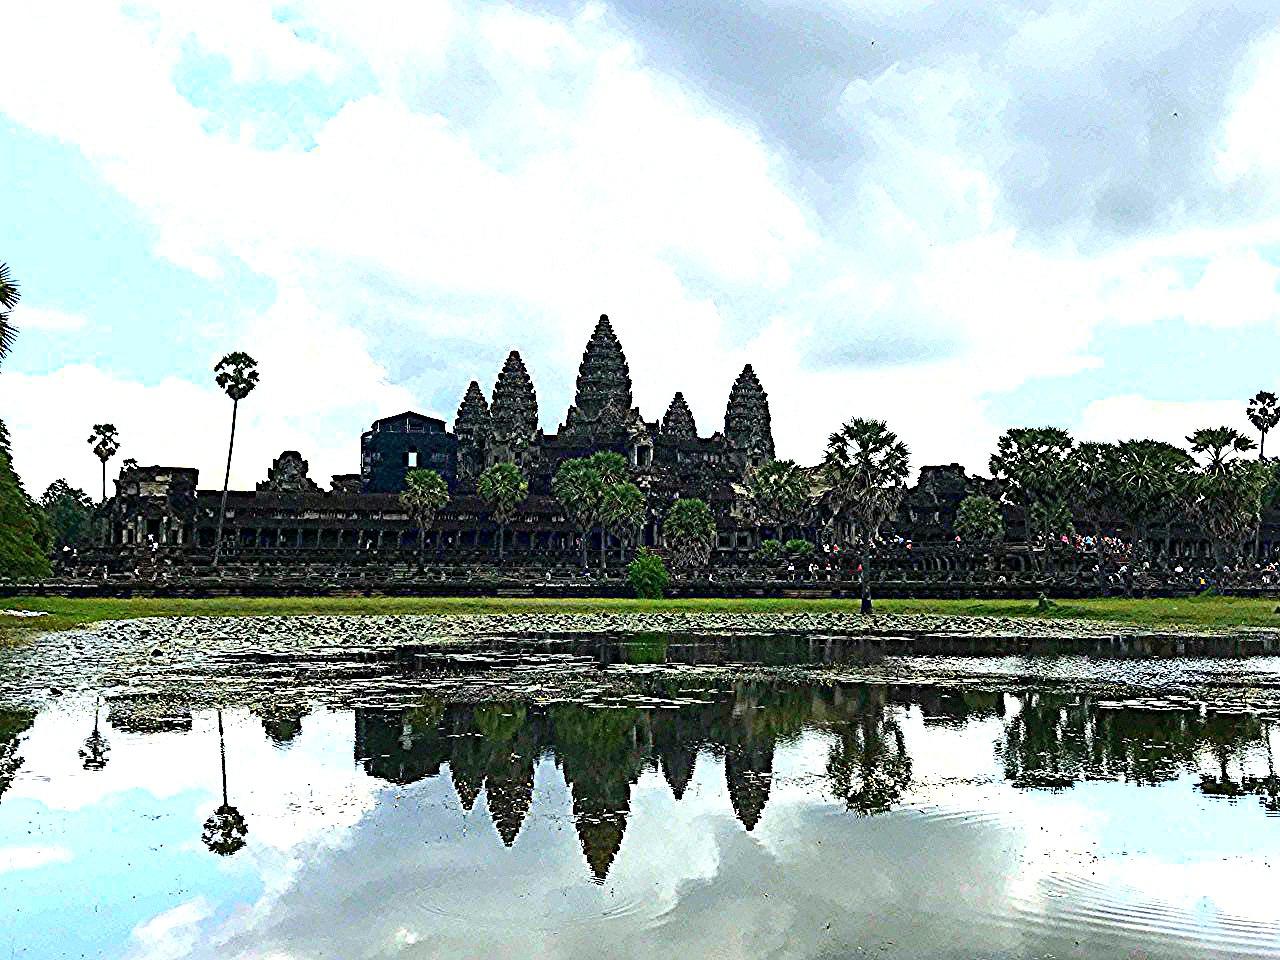 Елена Руденко (Валтея). Камбоджа. Ангкор. - Страница 2 OyHPDu0JFWU